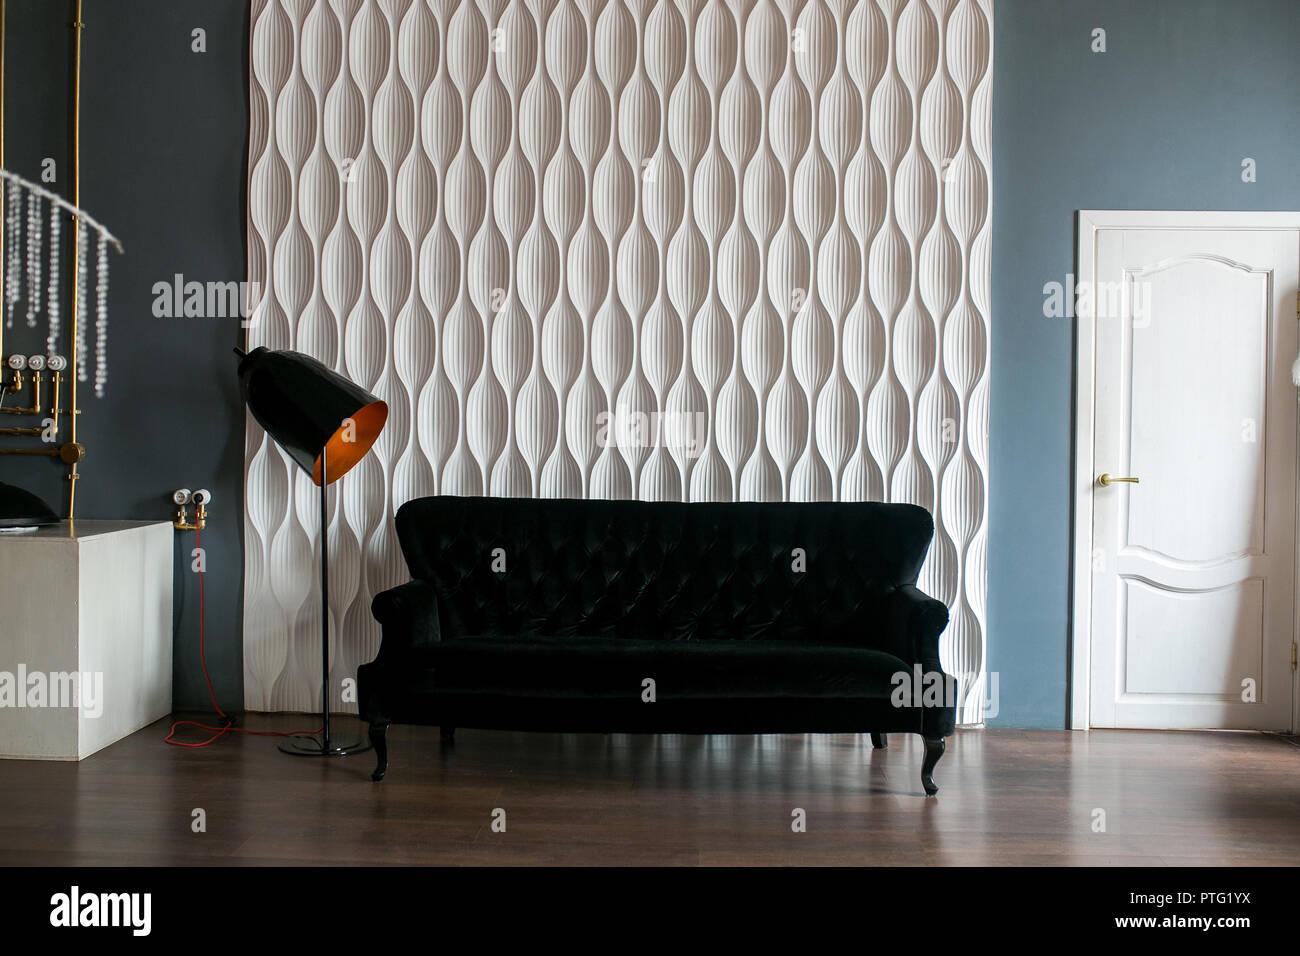 Divano Nero E Bianco : Un divano nero e un nero lampada da terra contro un bianco